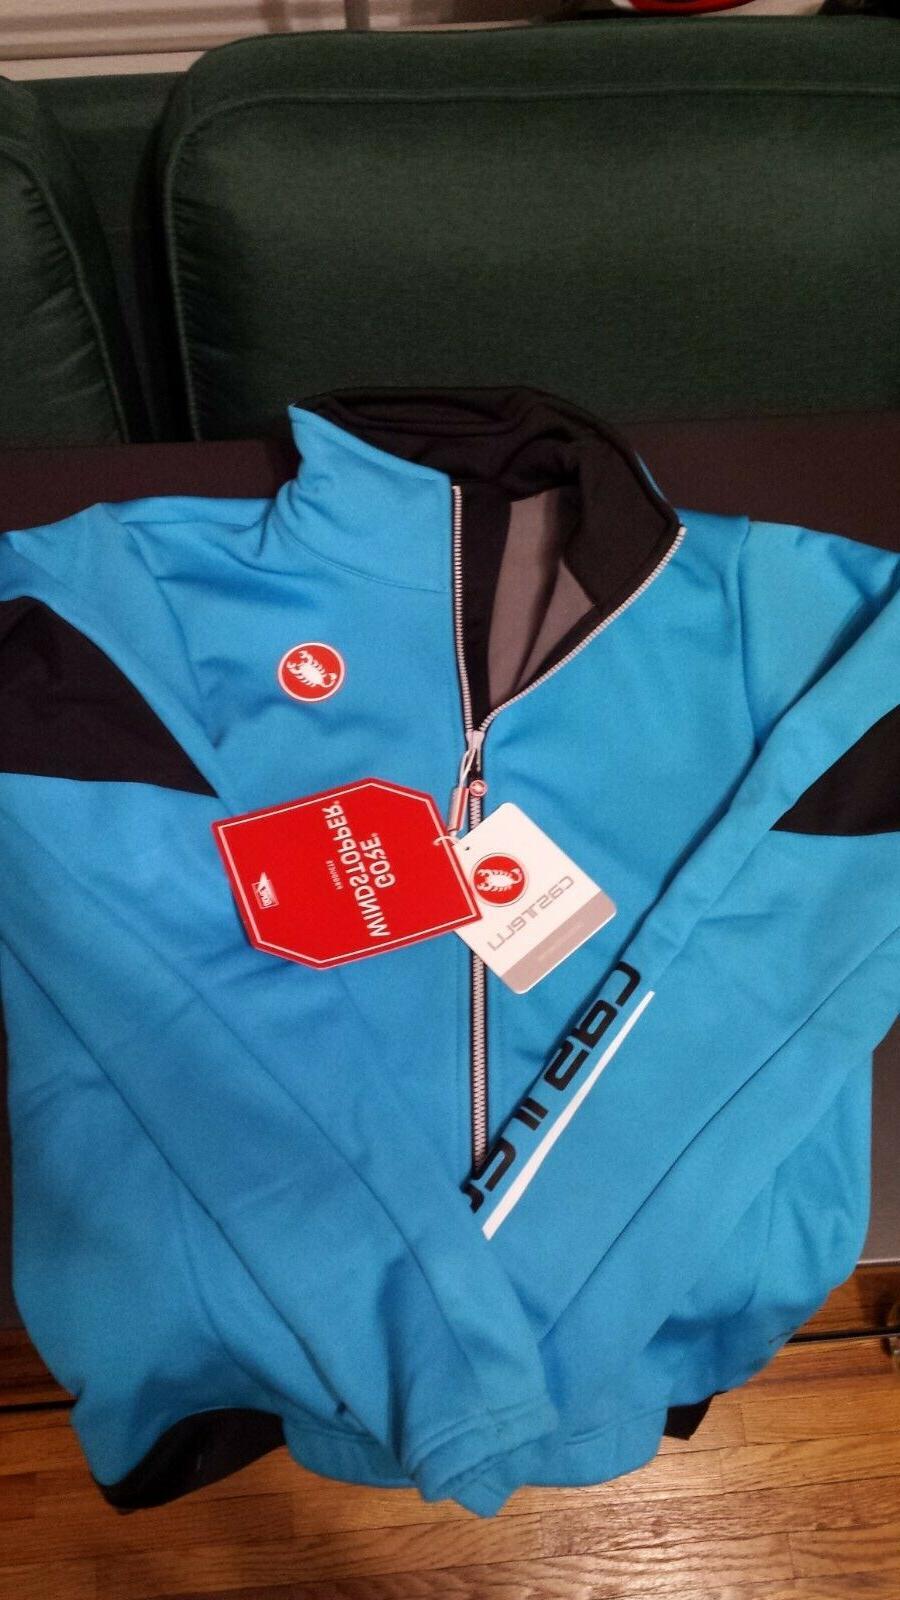 senza 2 winter cycling biking jacket size